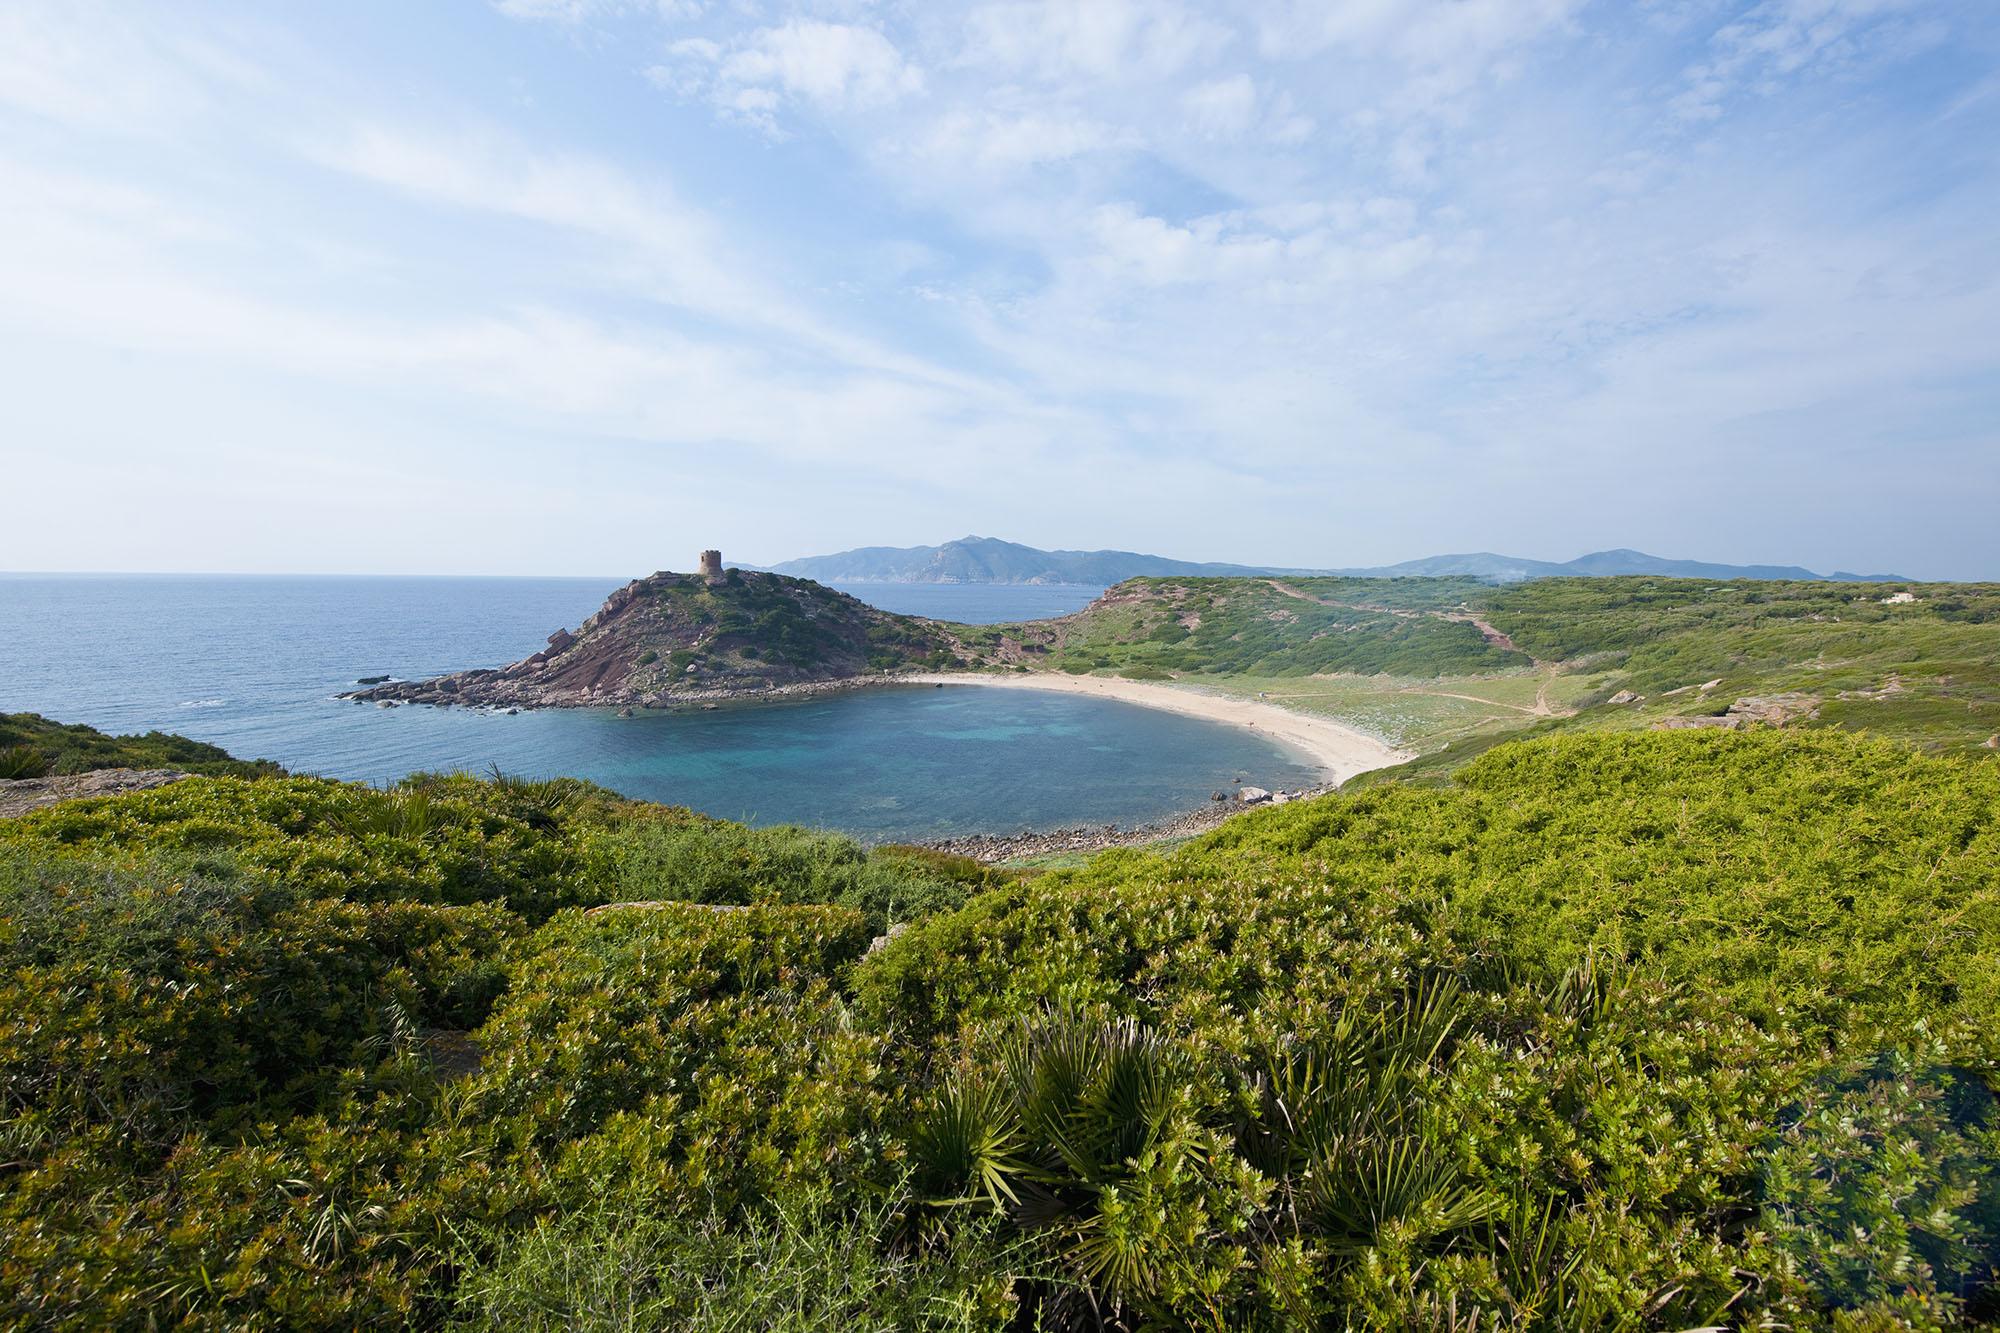 Wer beim Bauern wohnt statt direkt am Meer, findet auch mal einen Strand, der nicht überlaufen ist, wie hier bei Porto Ferro